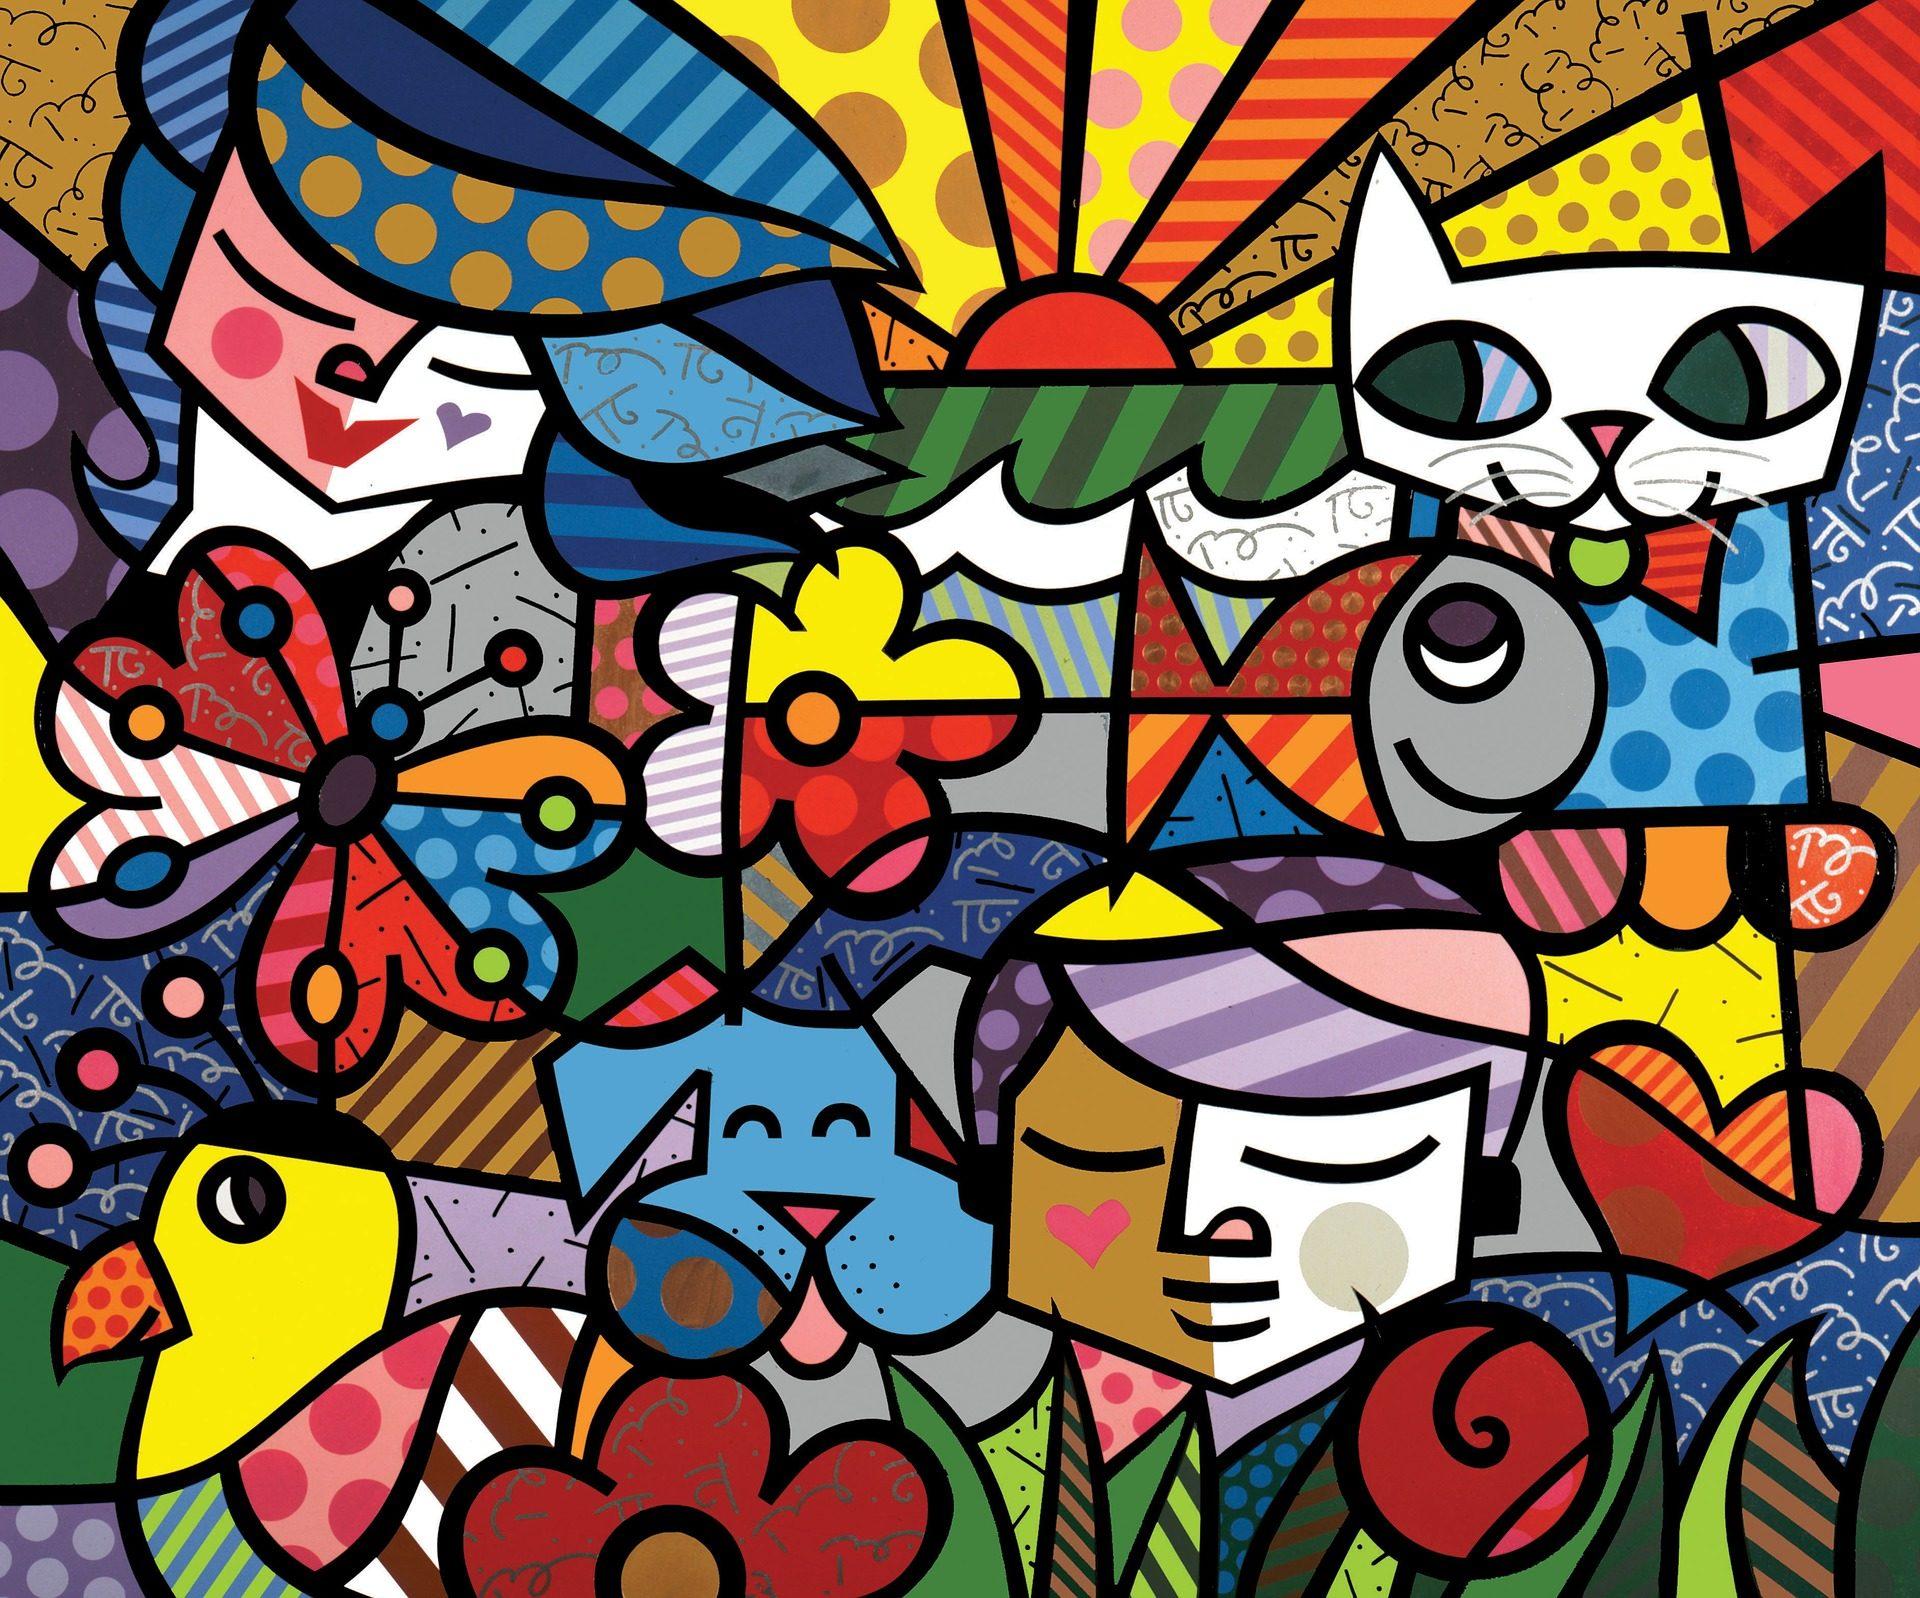 猫, 犬, 女性, 魚, カラフルです - HD の壁紙 - 教授-falken.com